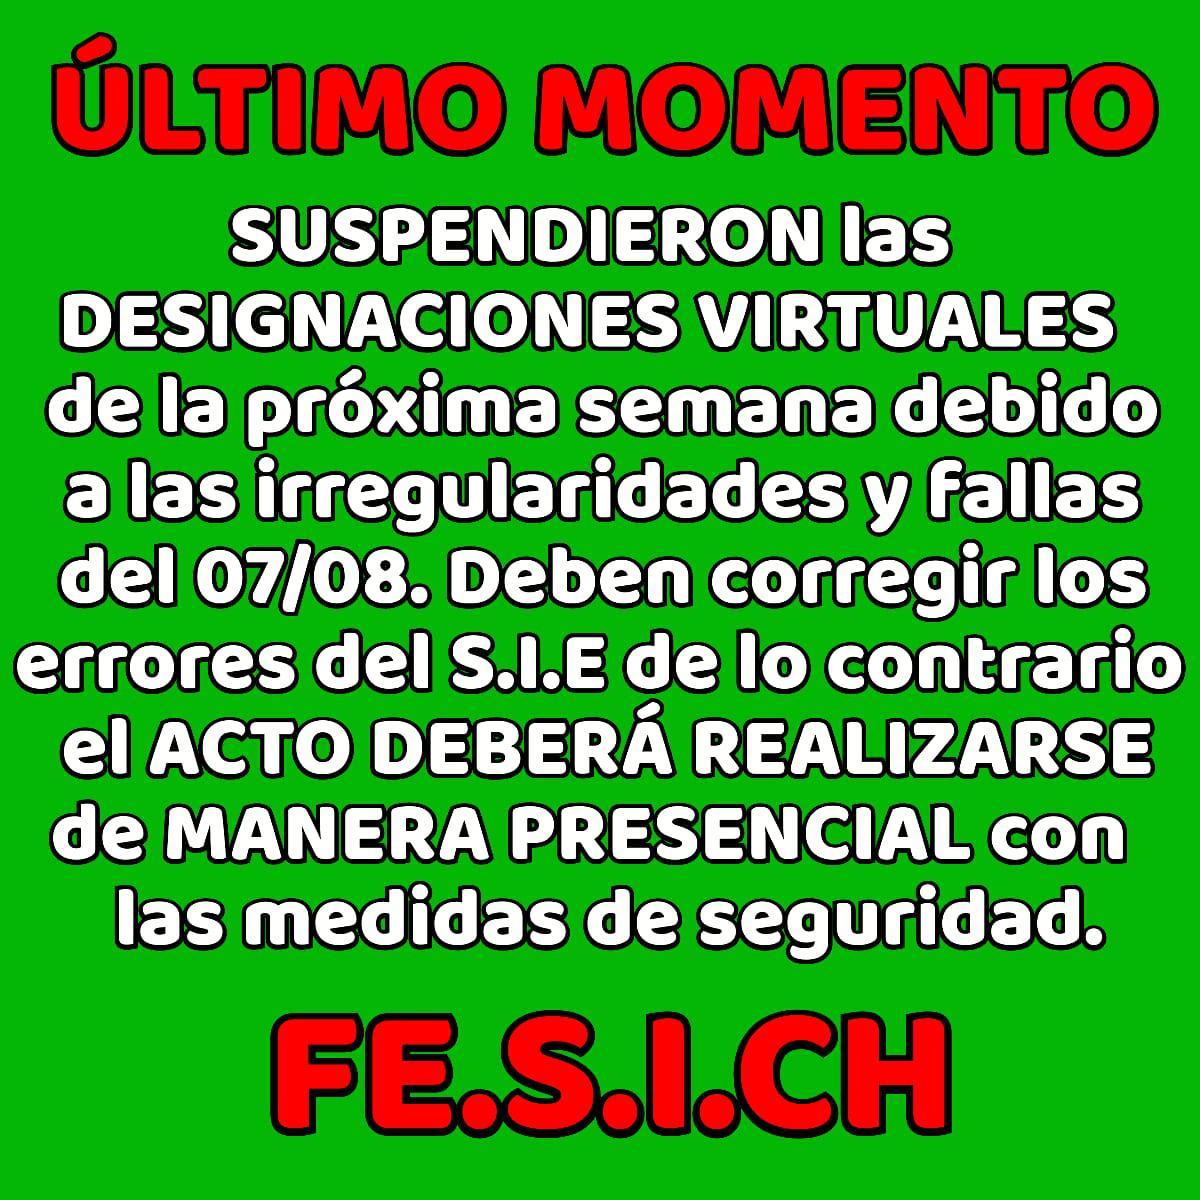 FESICh-SITECh-Castelli-Suspension-de-las-designaciones-virtuales-20-08-08-01